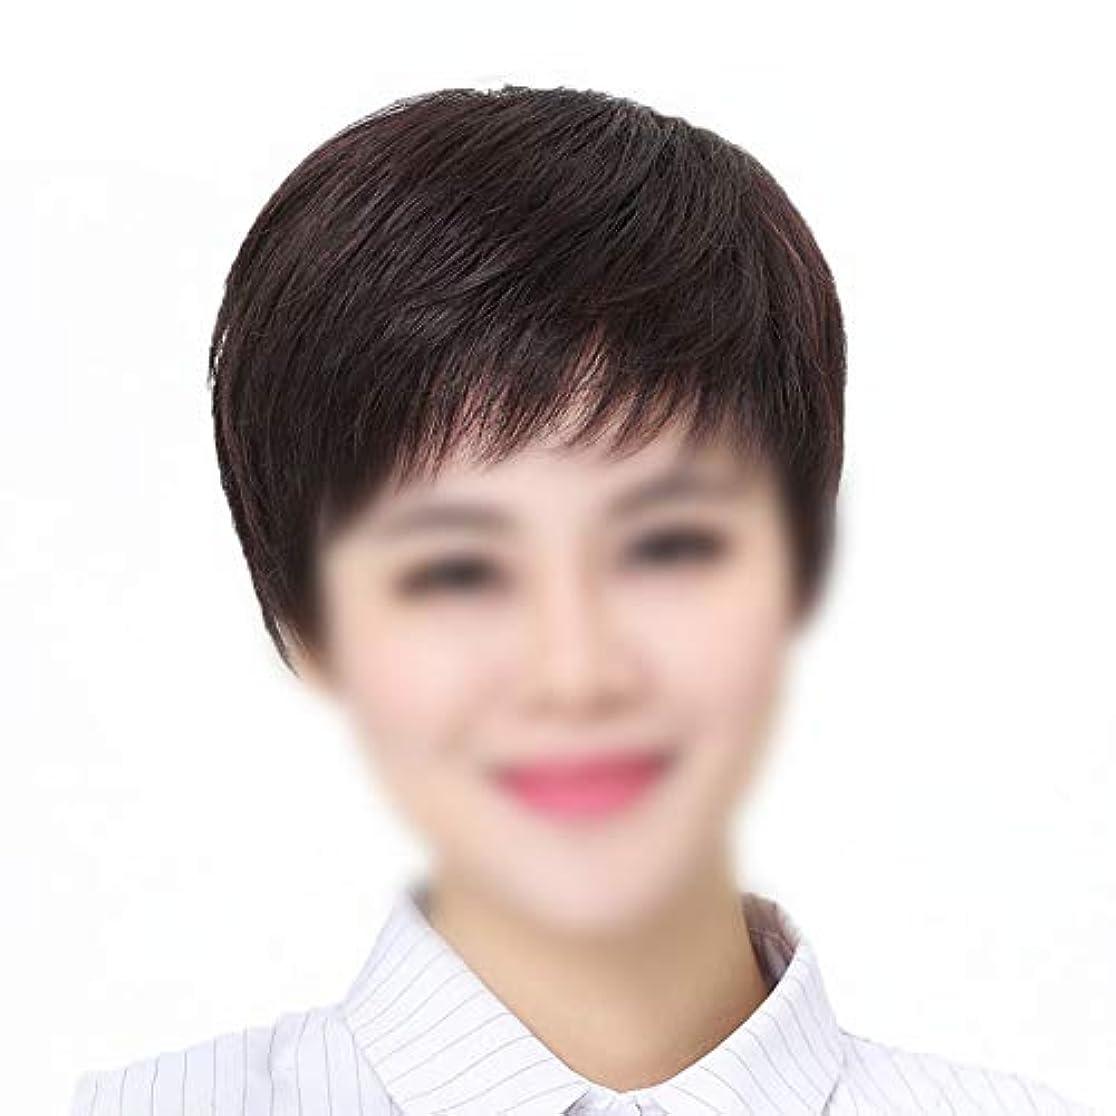 湿度きょうだい移動YOUQIU 女子ショートストレートヘアー中年ウィッグウィッグのための自然なフル手織り実ヘアエクステンション (色 : Natural black, サイズ : Hand-woven)